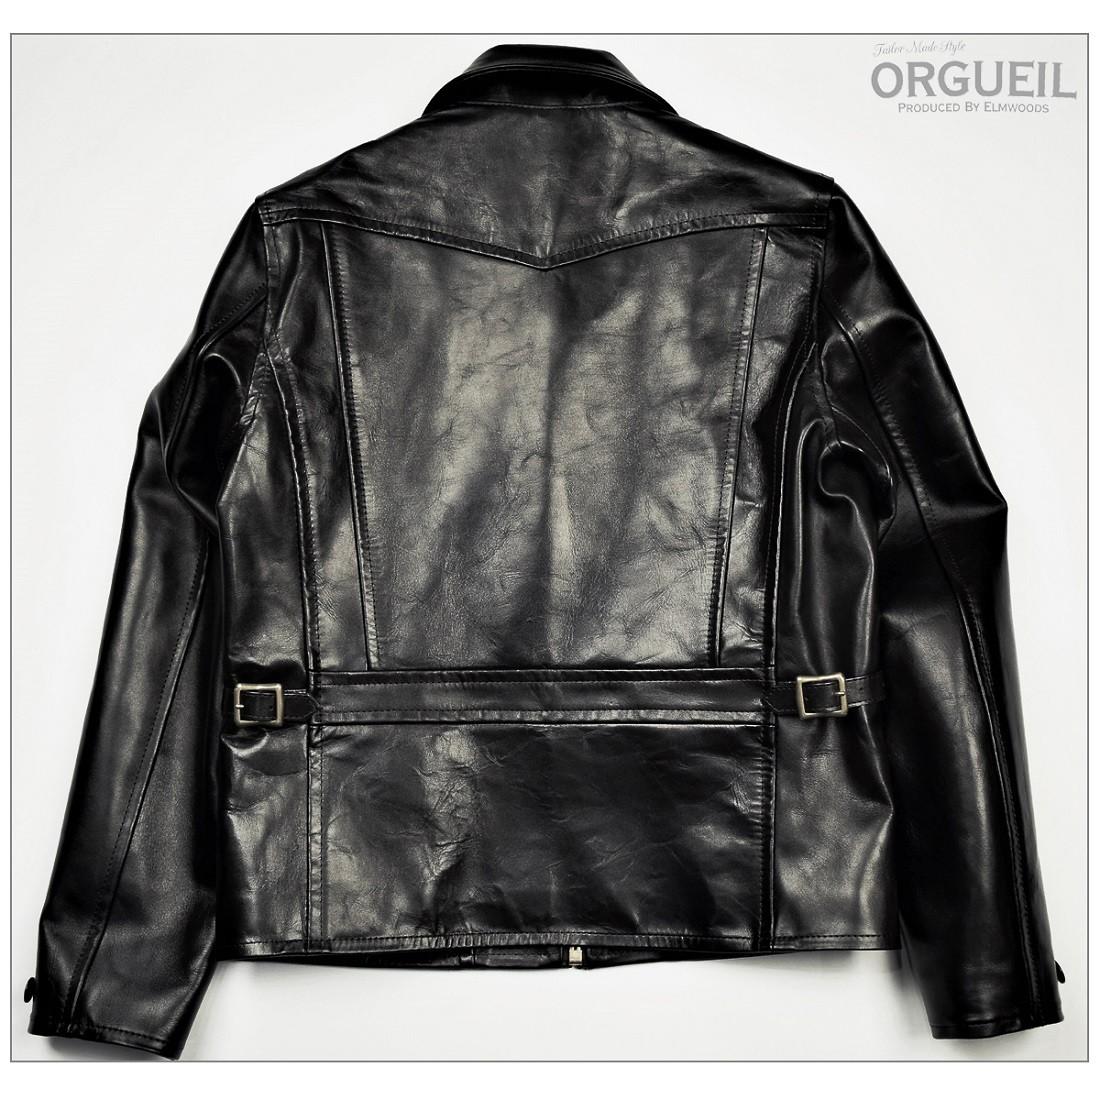 OR-4081 オルゲイユ ORGUEIL ライダース ジャケット 6